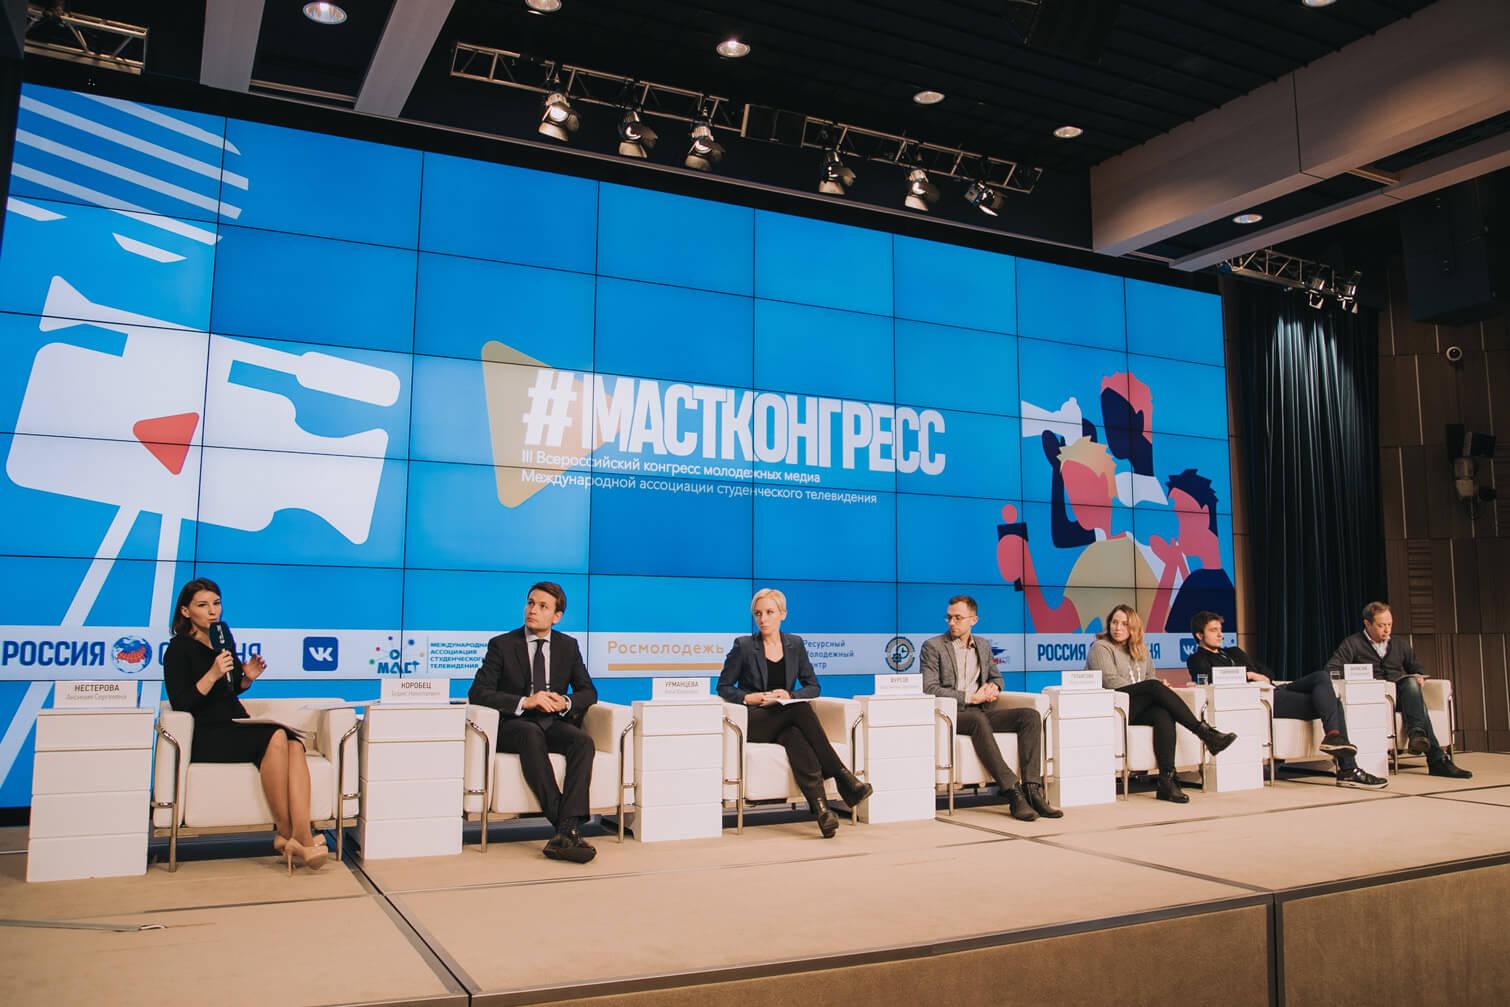 IVВсероссийский конгресс молодежных медиа